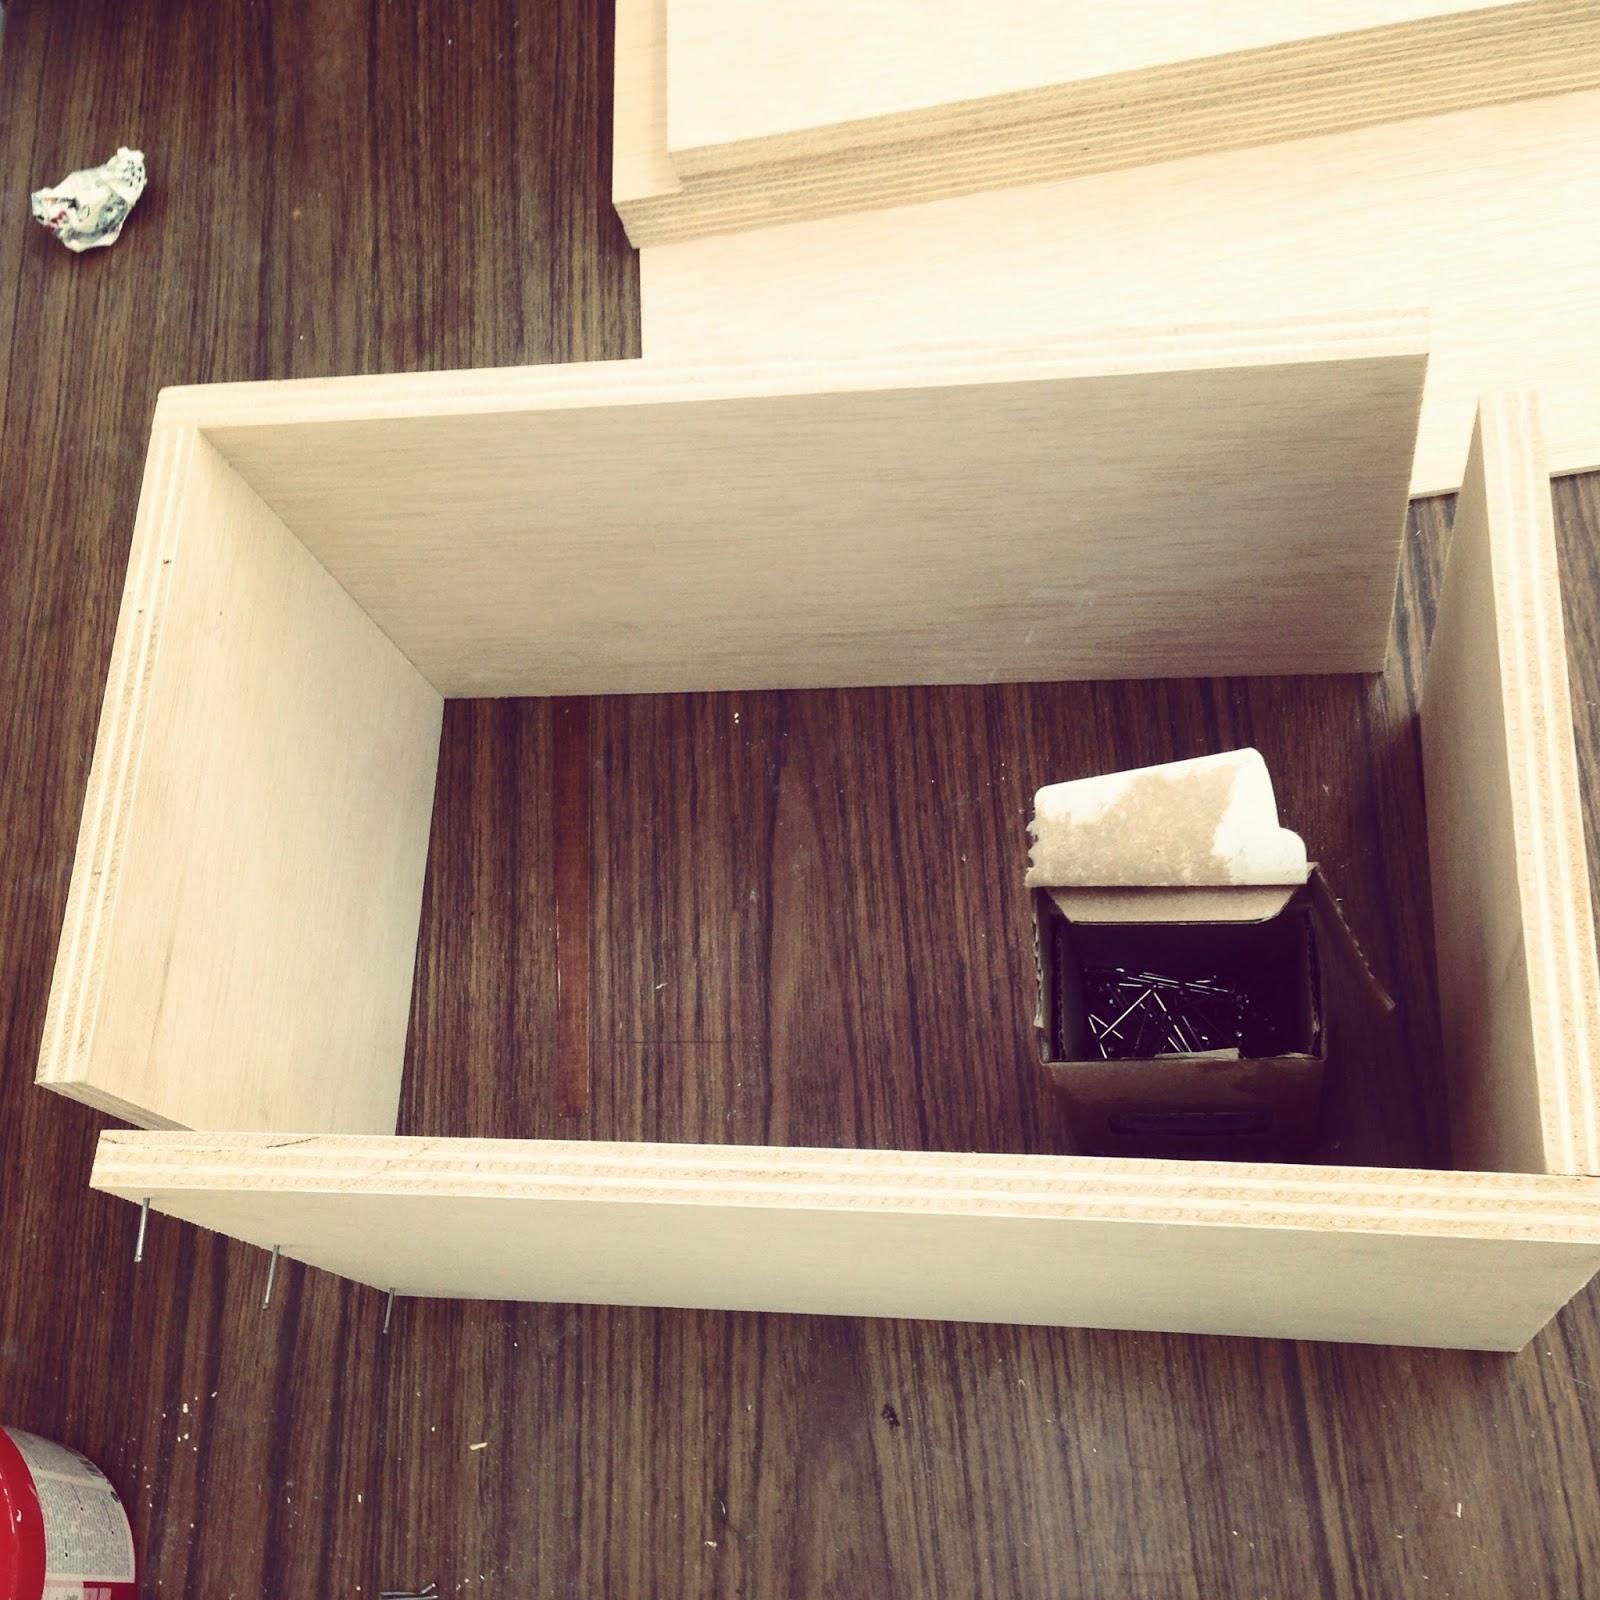 Cajas madera archivos rojosill n - Hacer cajas de madera ...